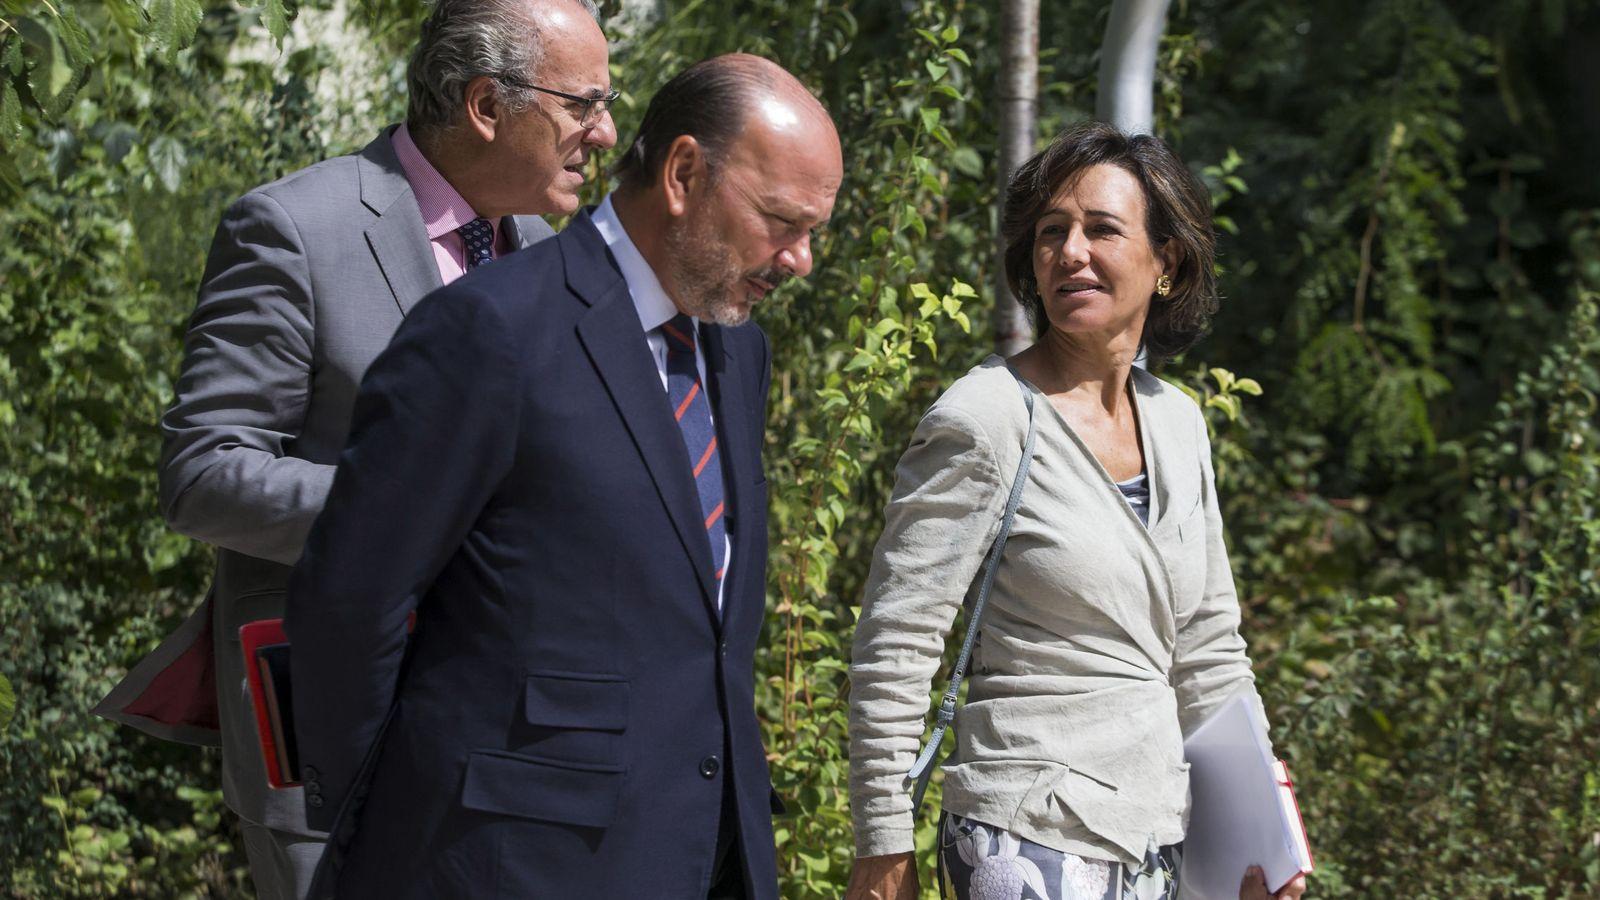 Foto: Javier Monzón, en una imagen del pasado mes de septiembre junto a Ana Patricia Botín (Efe)